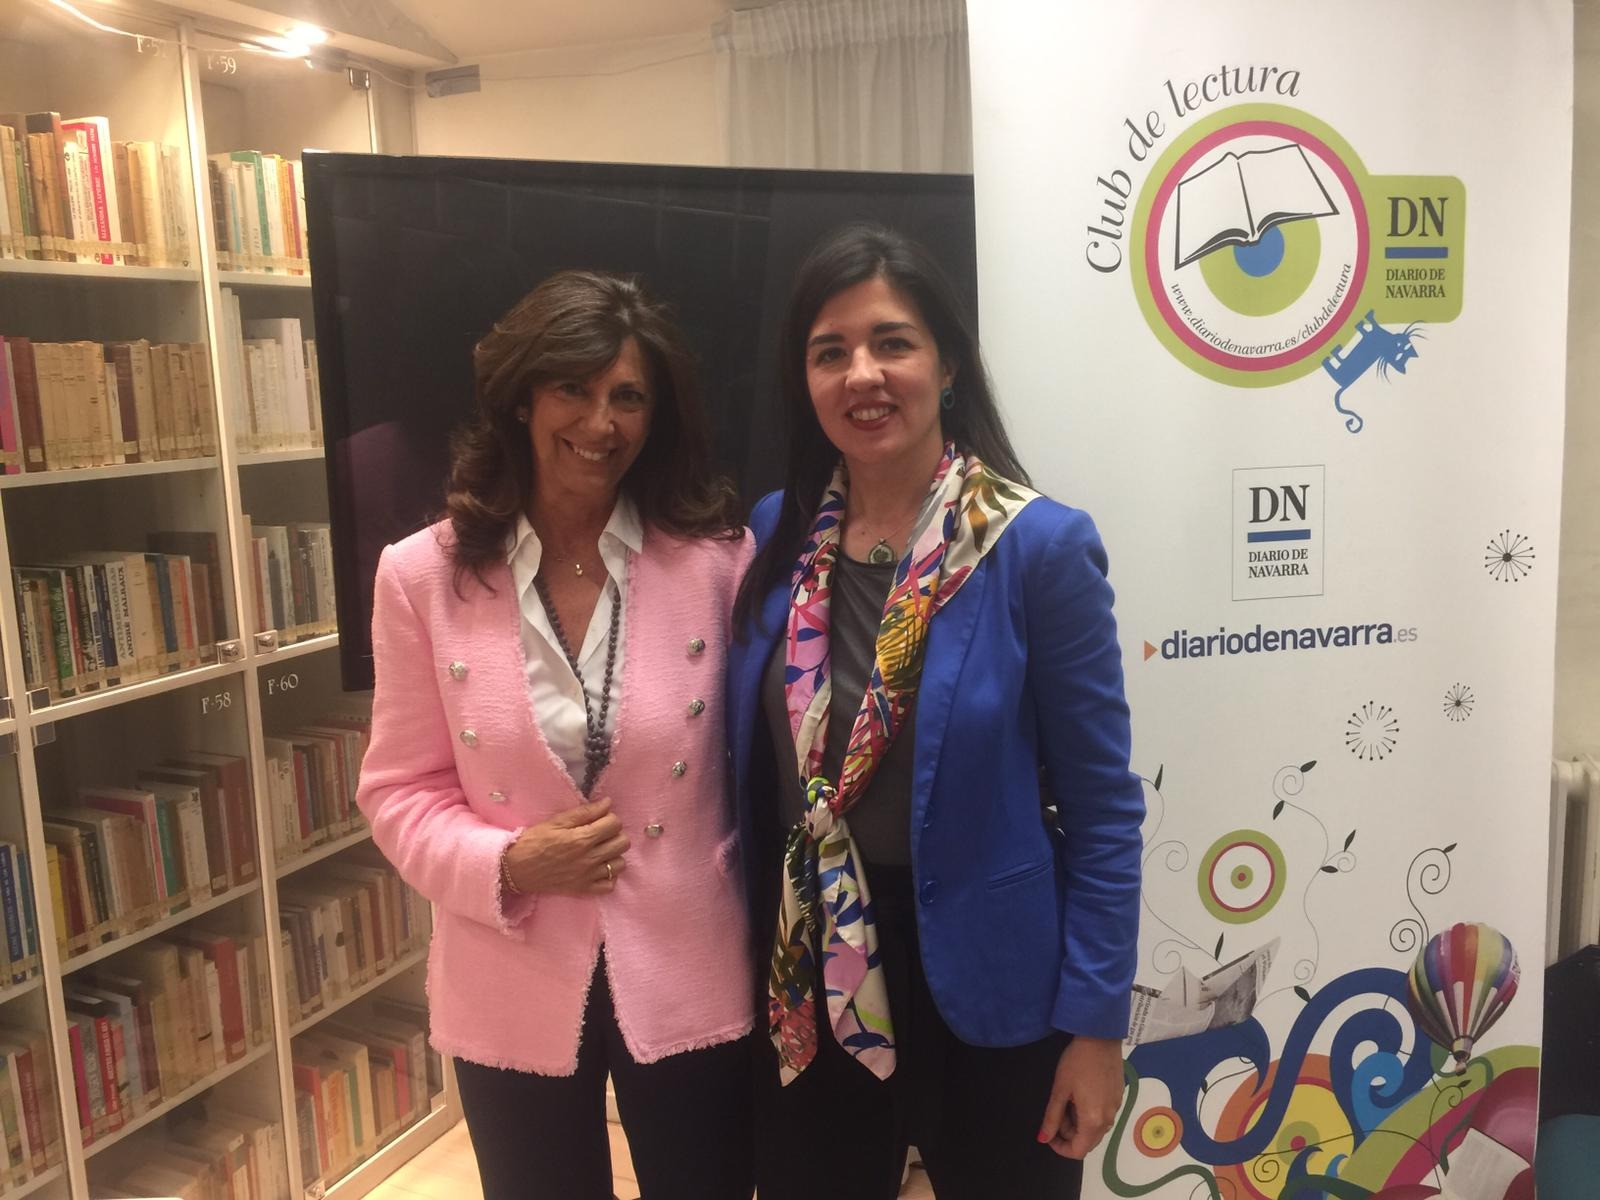 Sonsoles Echevarren de Diario de Navarra y Lucia del Prado